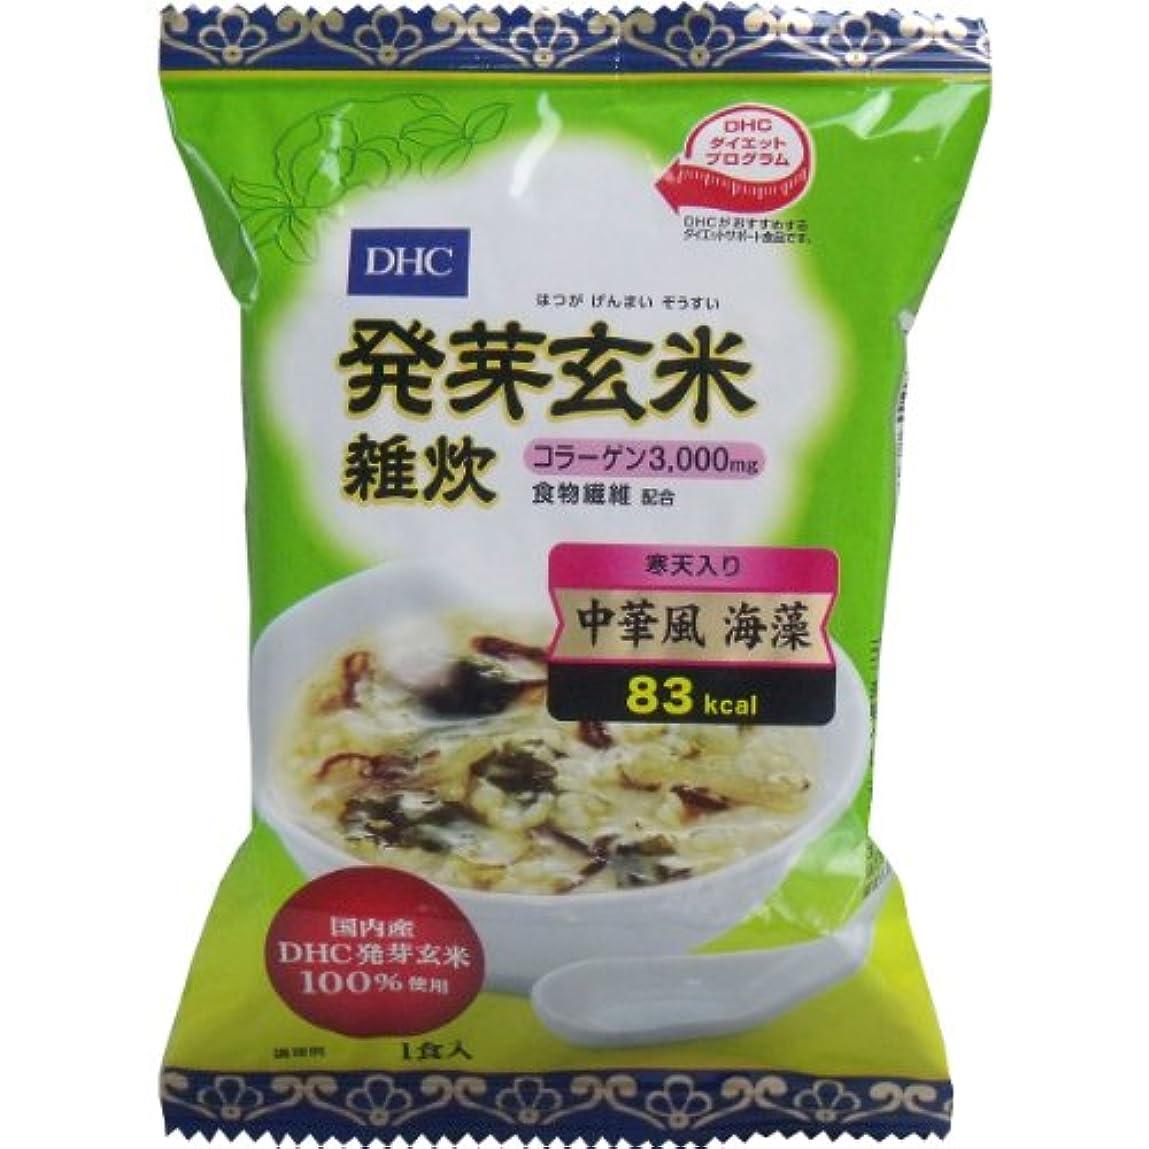 安価なブラウズ敬意DHC 発芽玄米雑炊〈コラーゲン?寒天入〉 中華風海藻 1食入